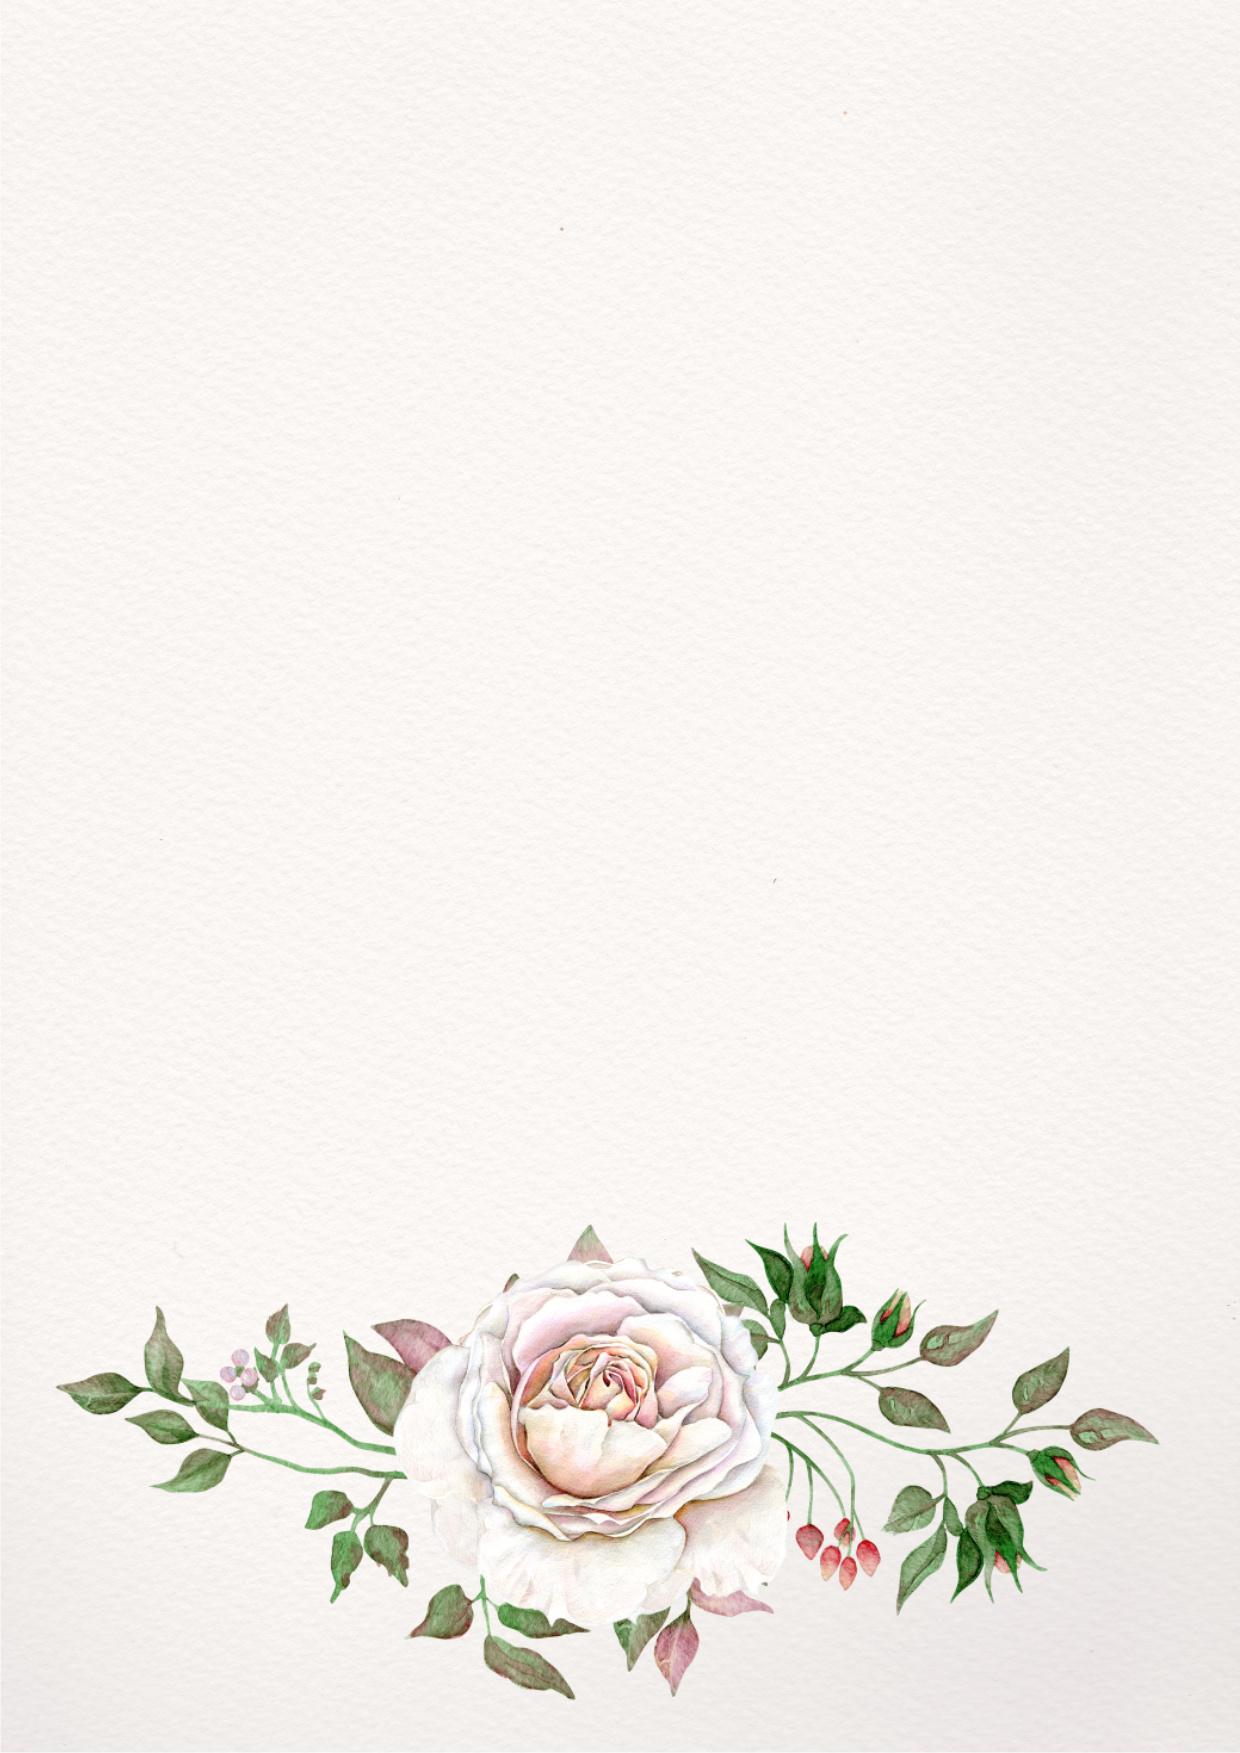 Первым днем, цветы для открытки на а4